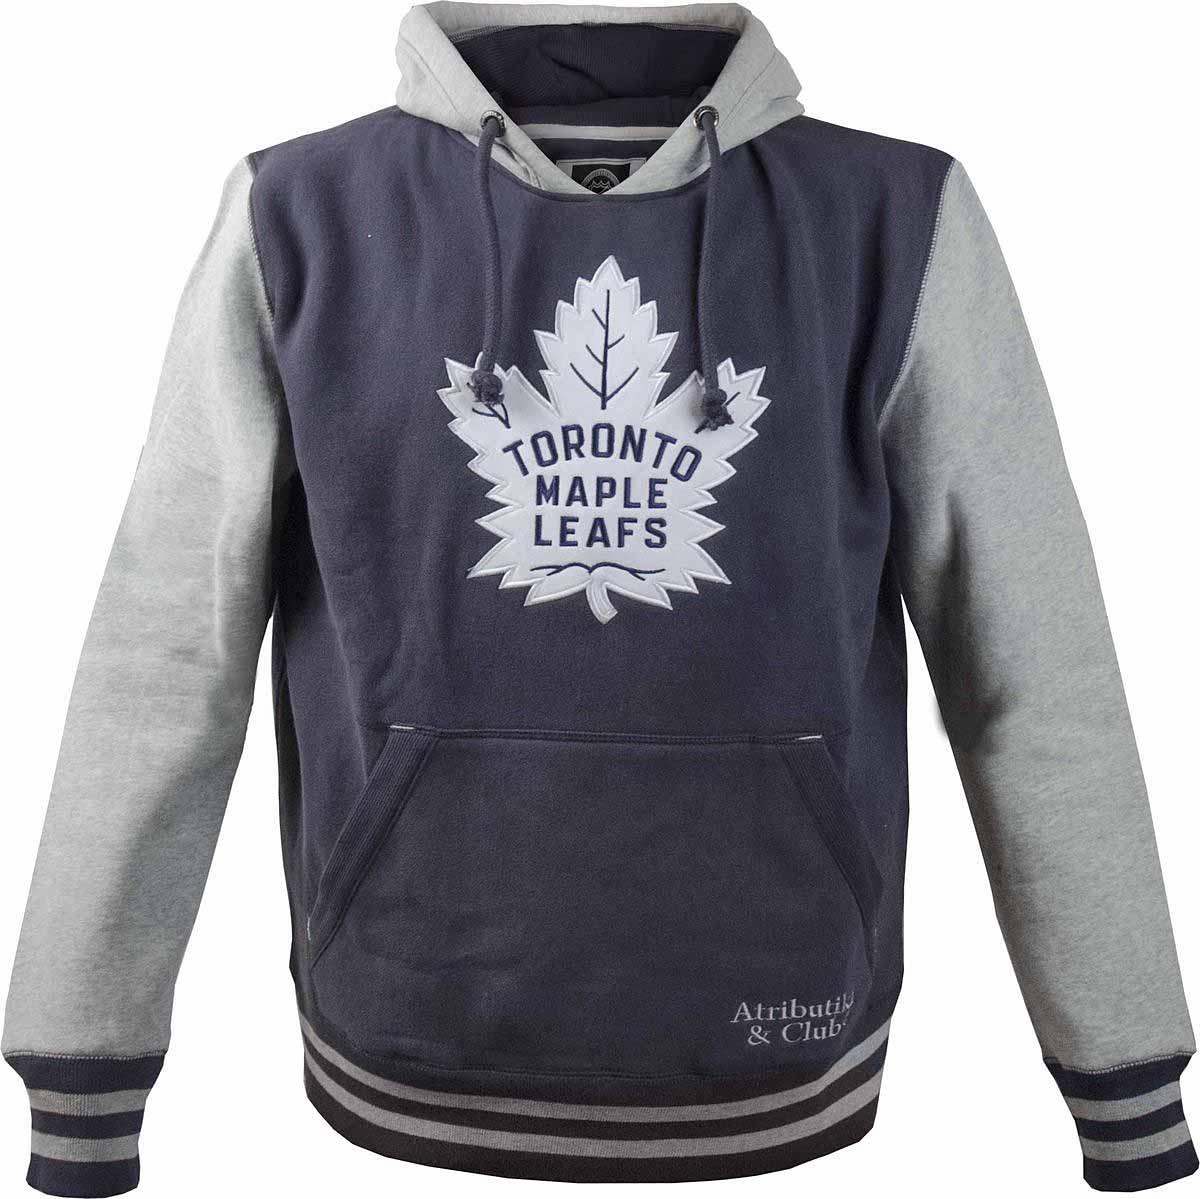 Толстовка мужская Atributika & Club Toronto Maple Leafs, цвет: синий, серый. 35820. Размер S (46/48)35820Мужская толстовка Atributika & Club выполнена из хлопкового трикотажа. Модель с длинными рукавами и капюшоном на груди оформлена логотипом хоккейного клуба Toronto Maple Leafs. Имеется карман-кенгуру.